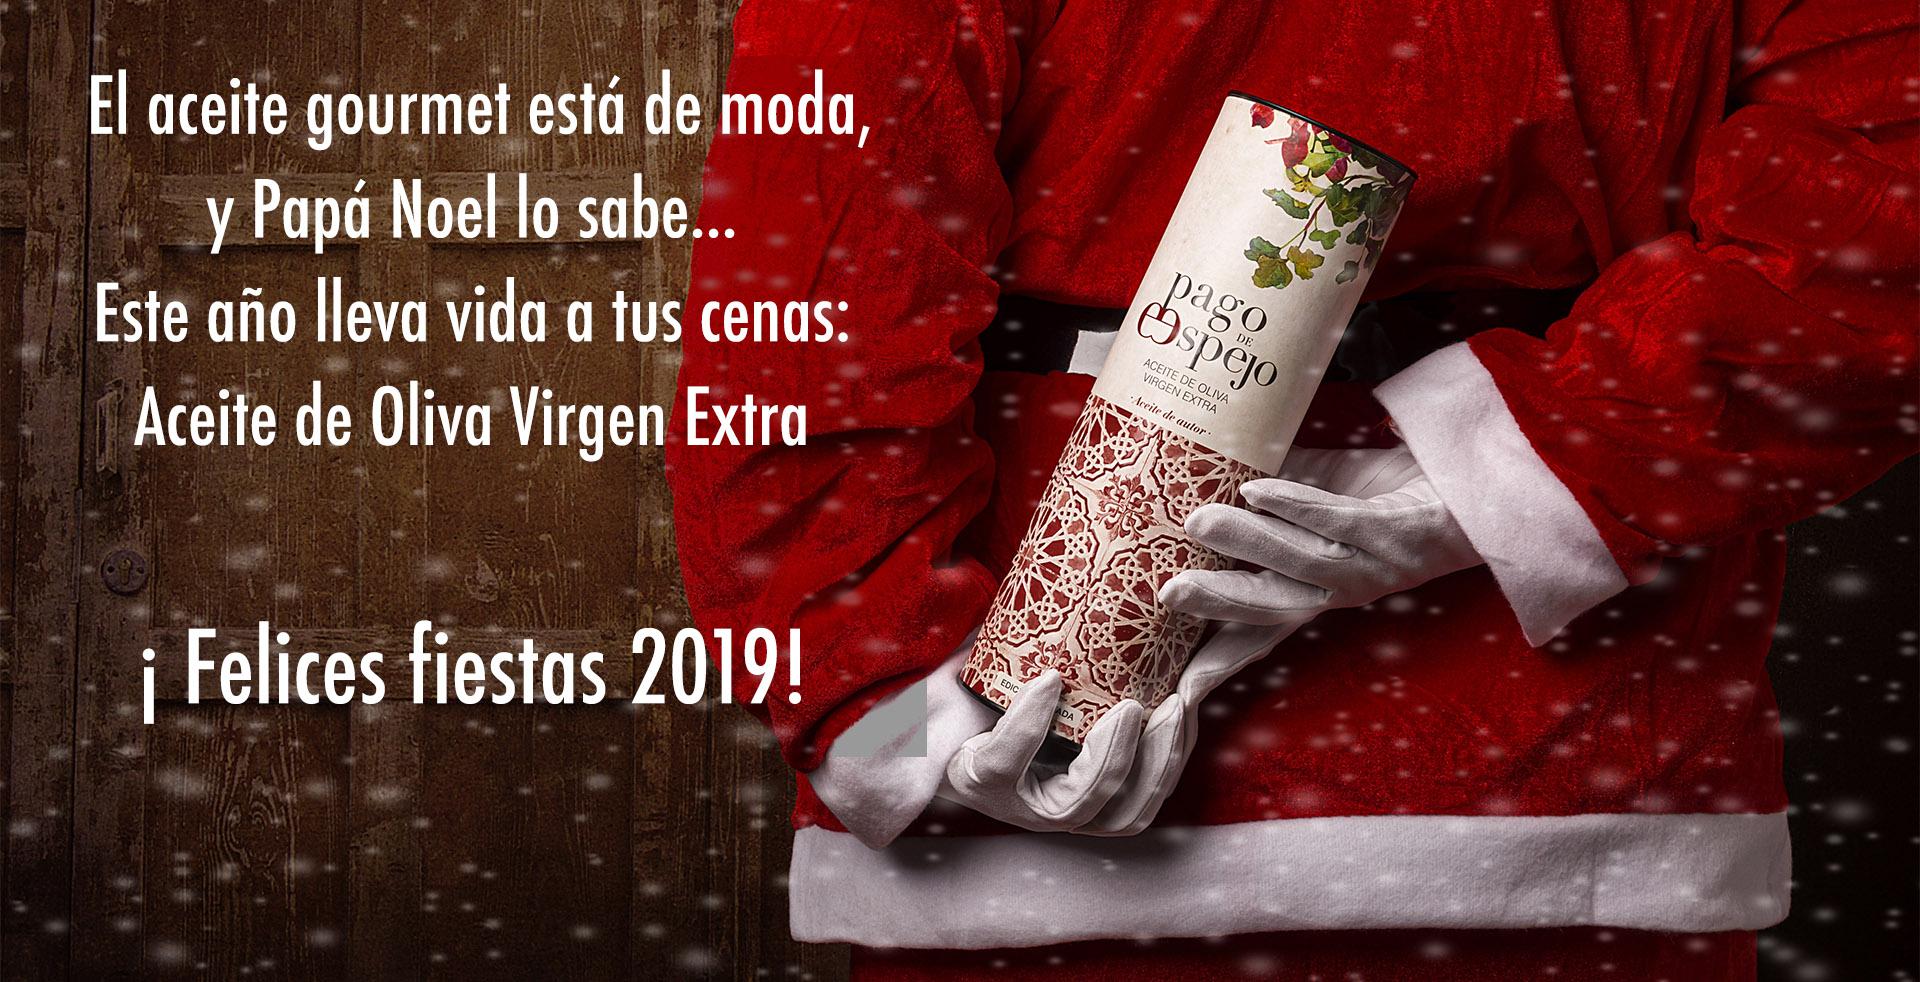 Aceite virgen extra y Papa Noel